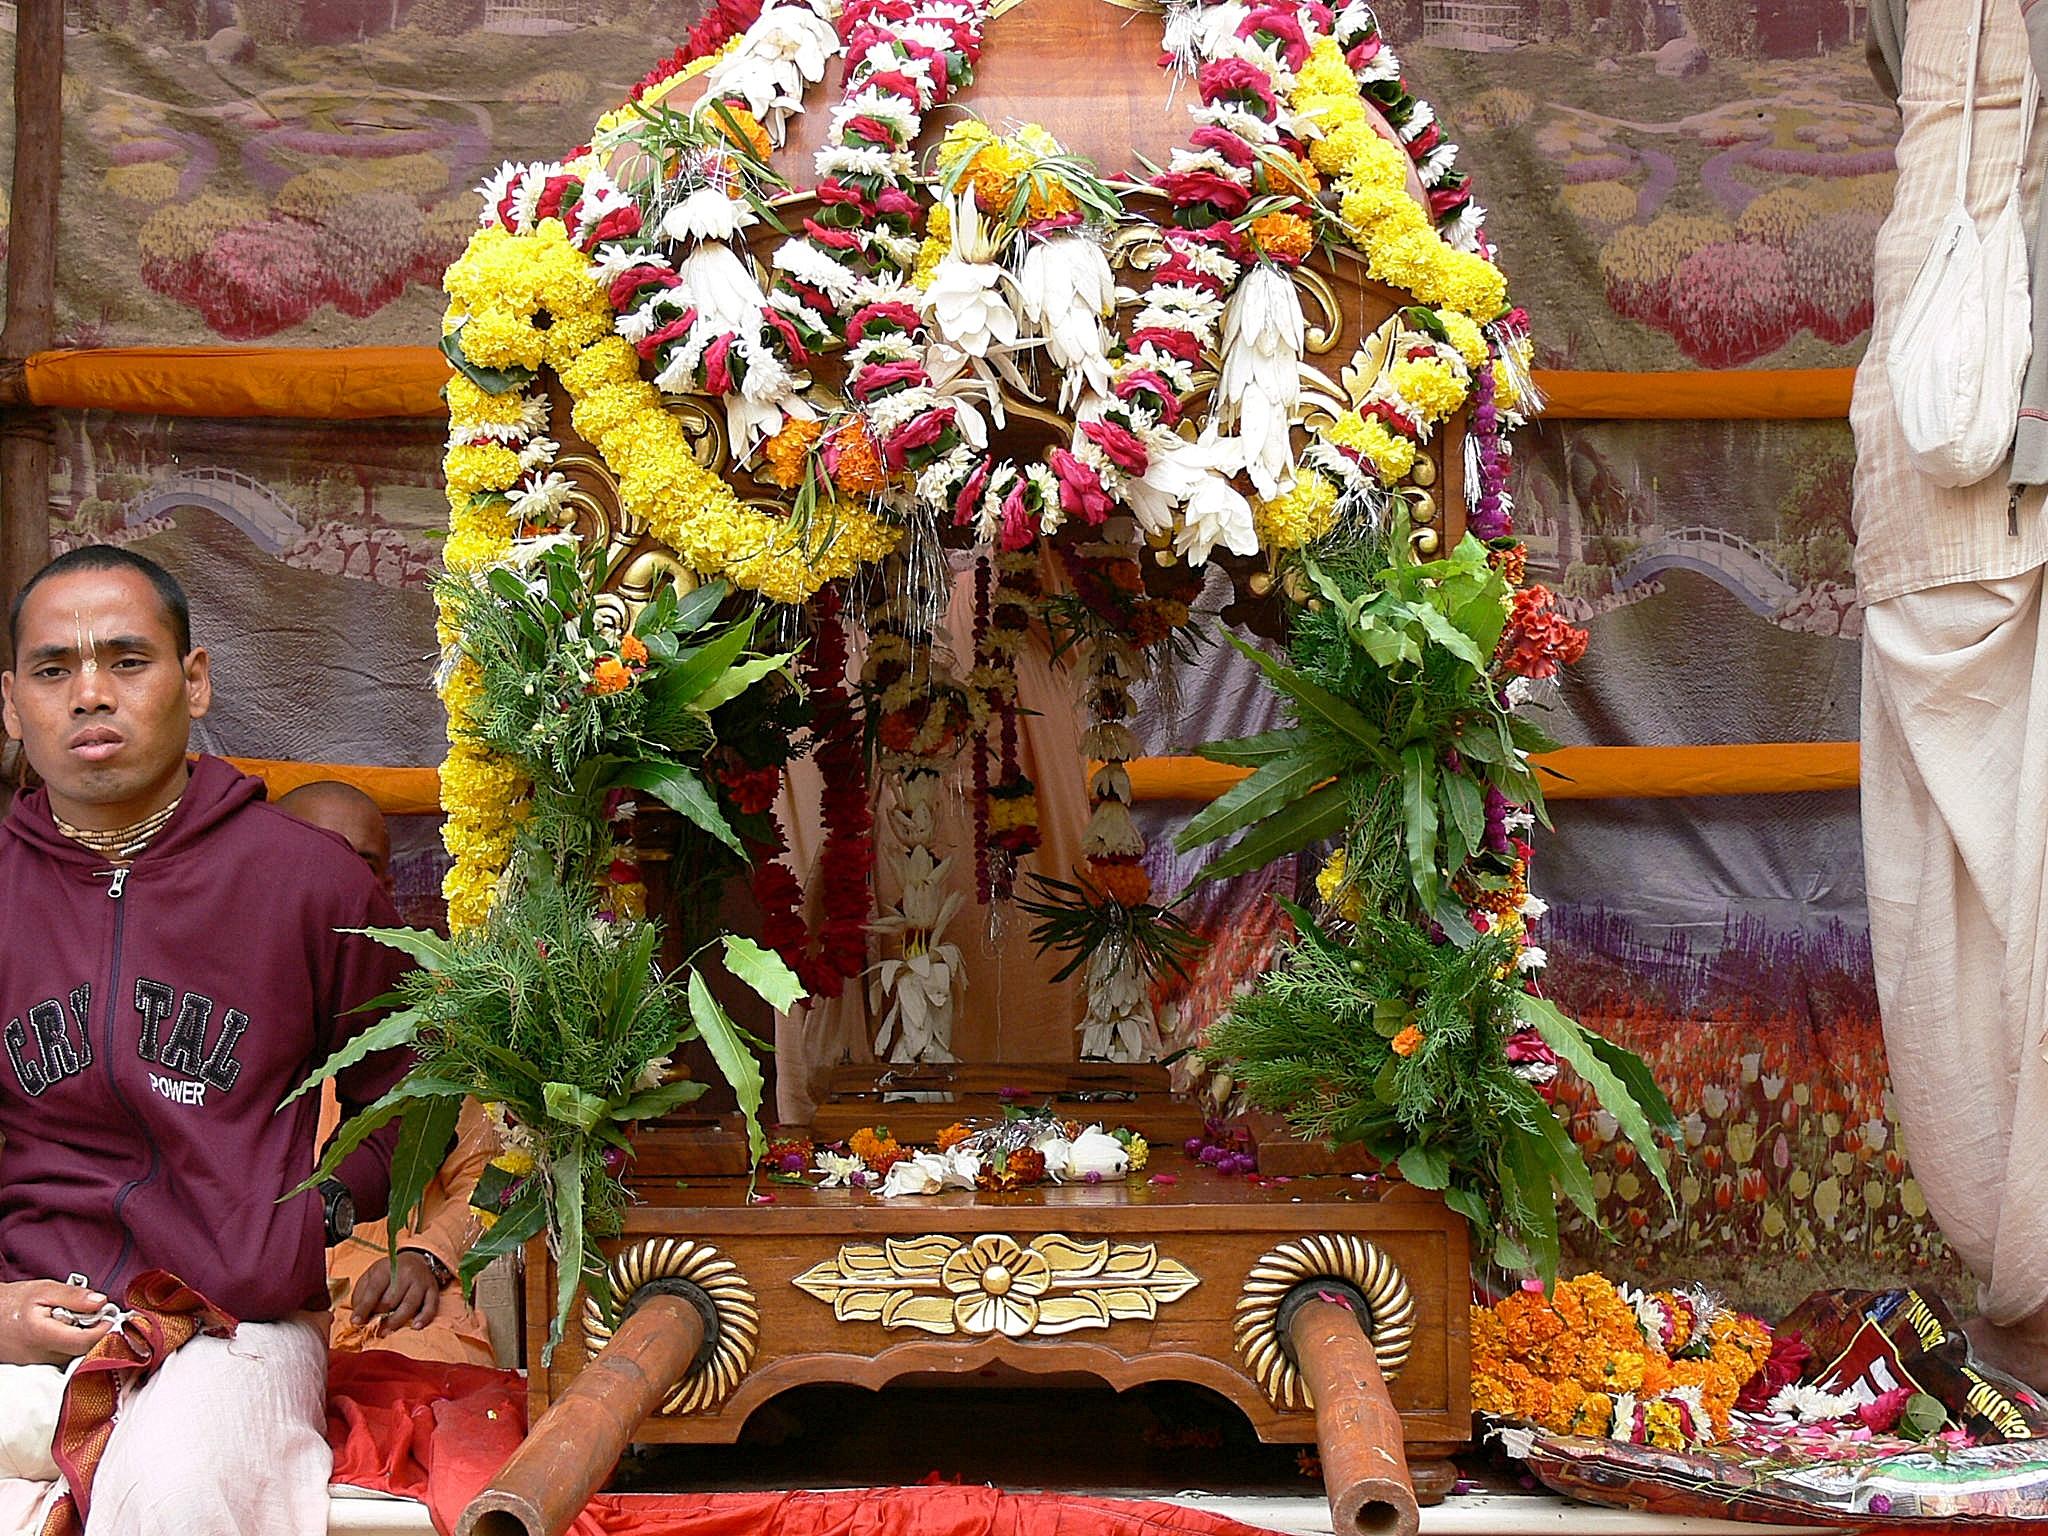 Palanquin for Radha Madhava